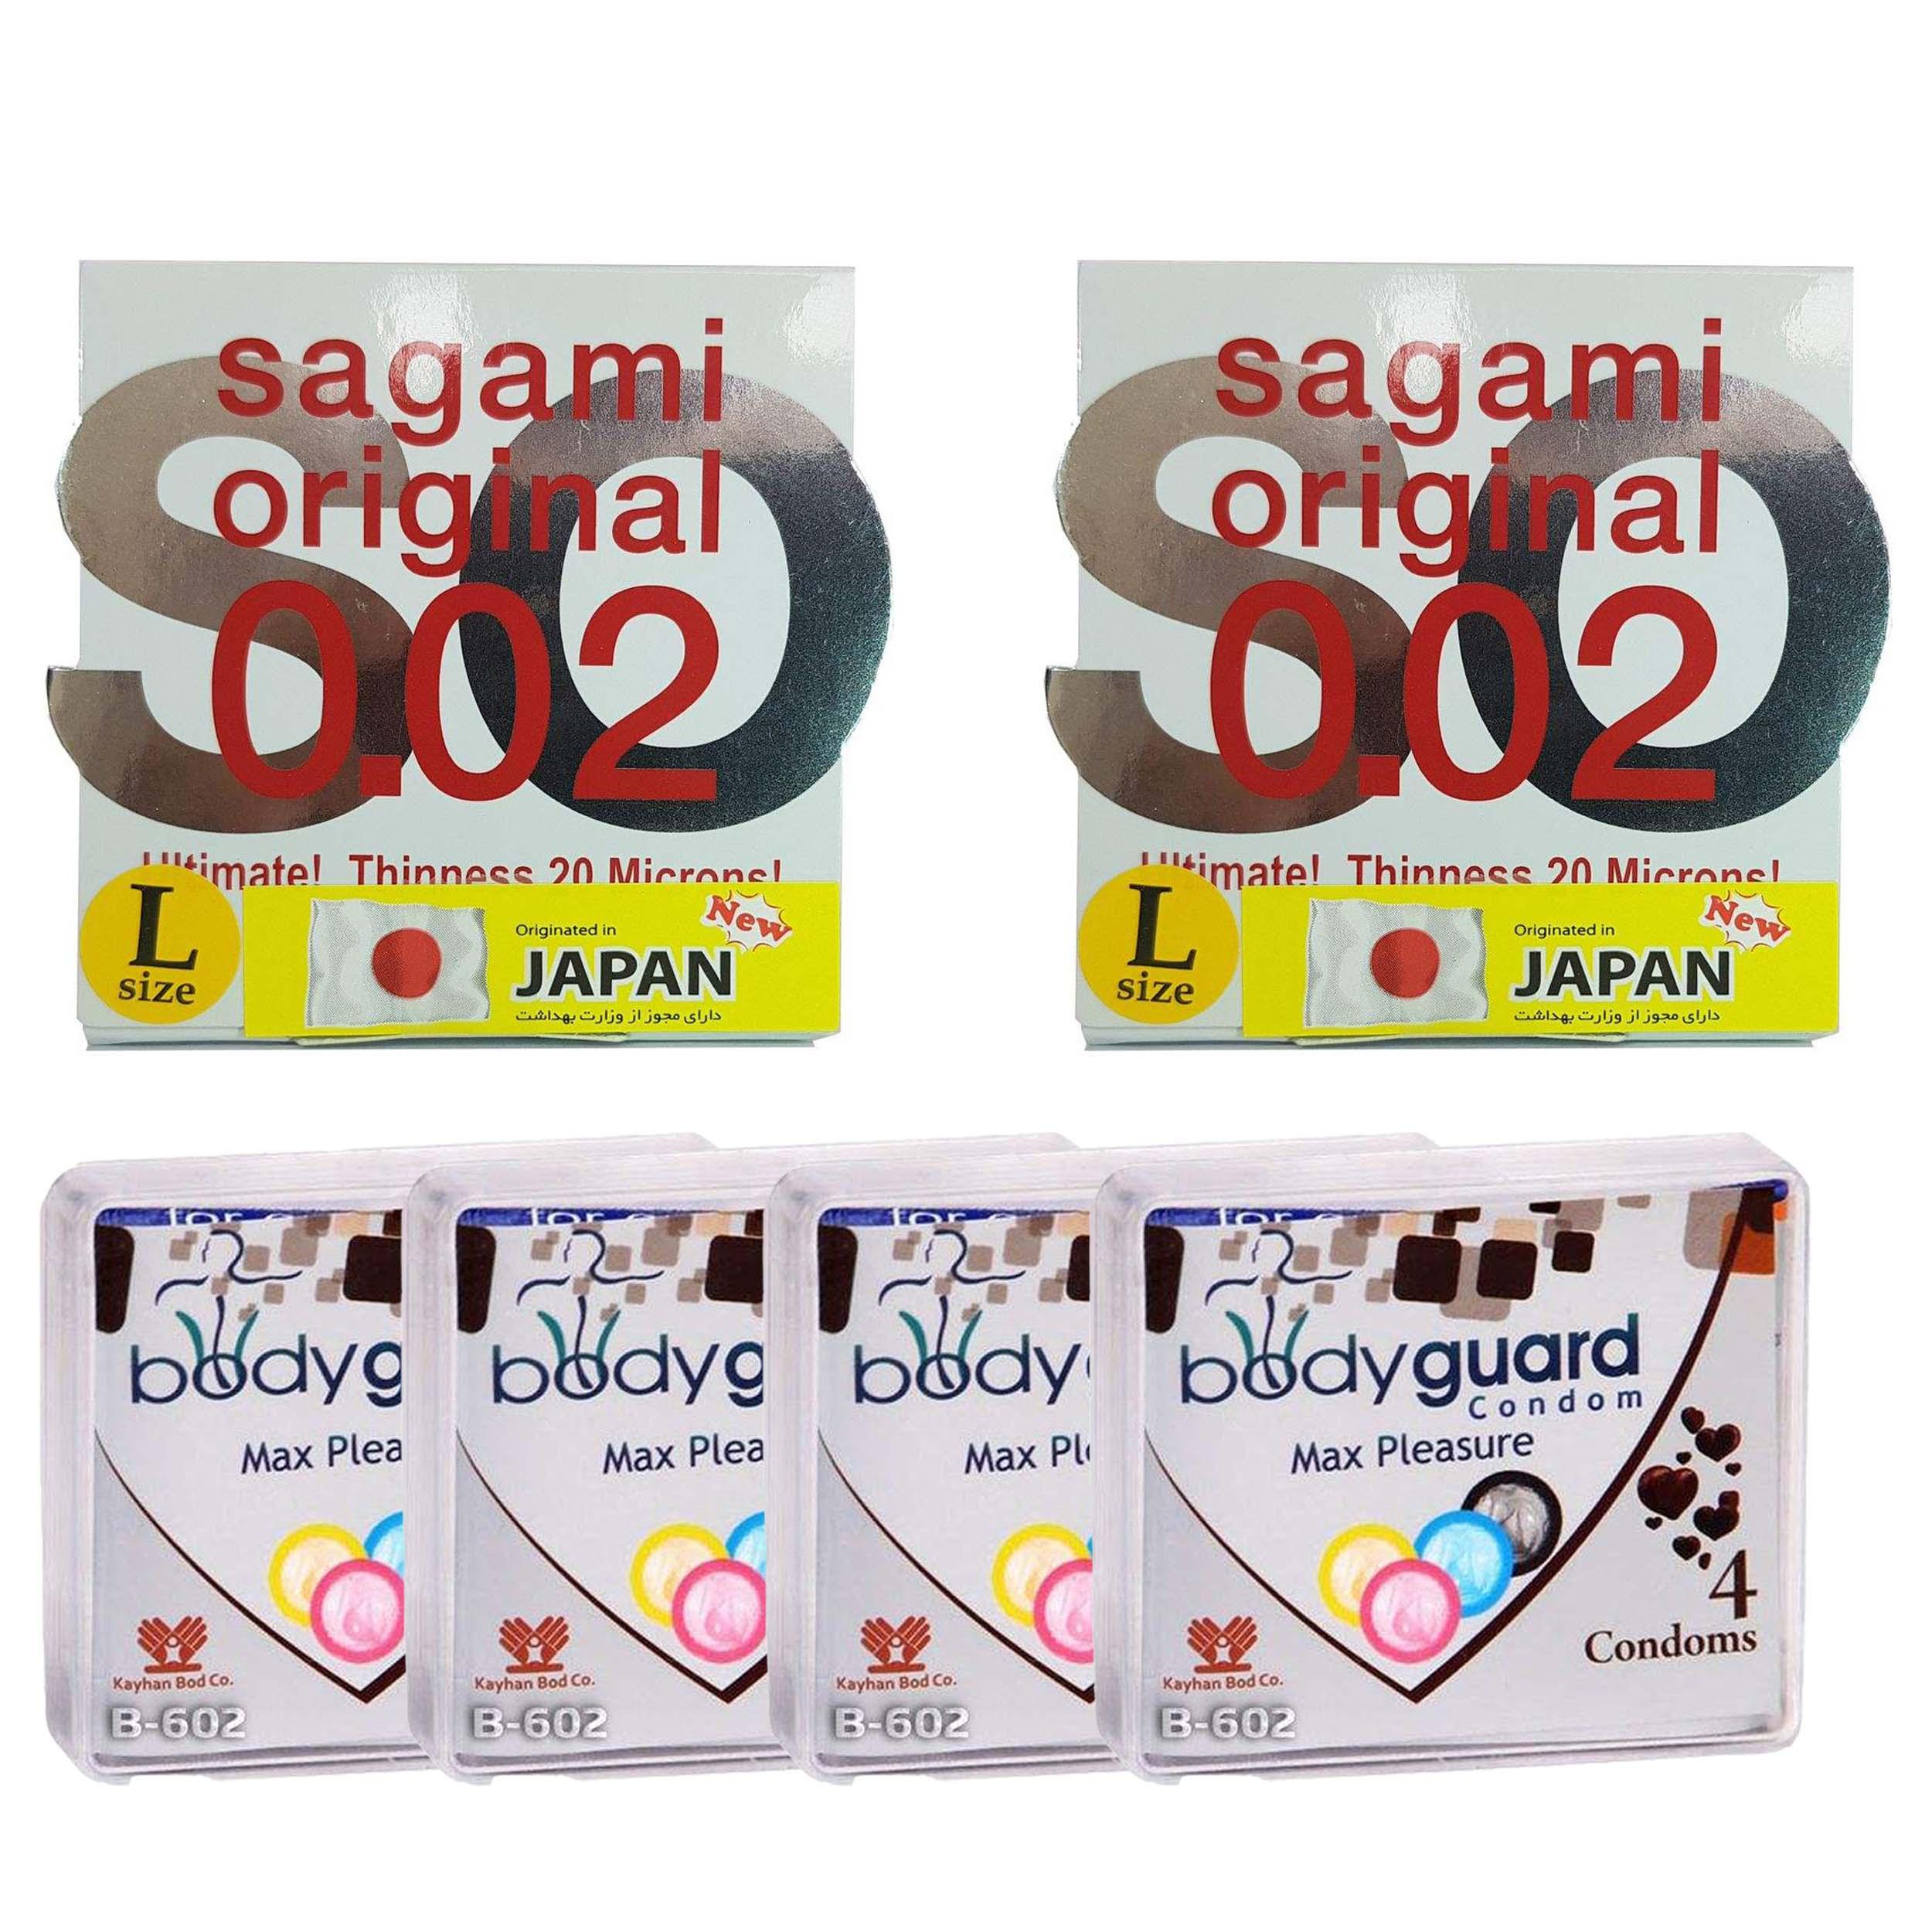 خرید                      کاندوم ساگامی مدل لارج مجموعه 2 عددی به همراه کاندوم بادی گارد مدل مکس پلژر مجموعه 4 عددی